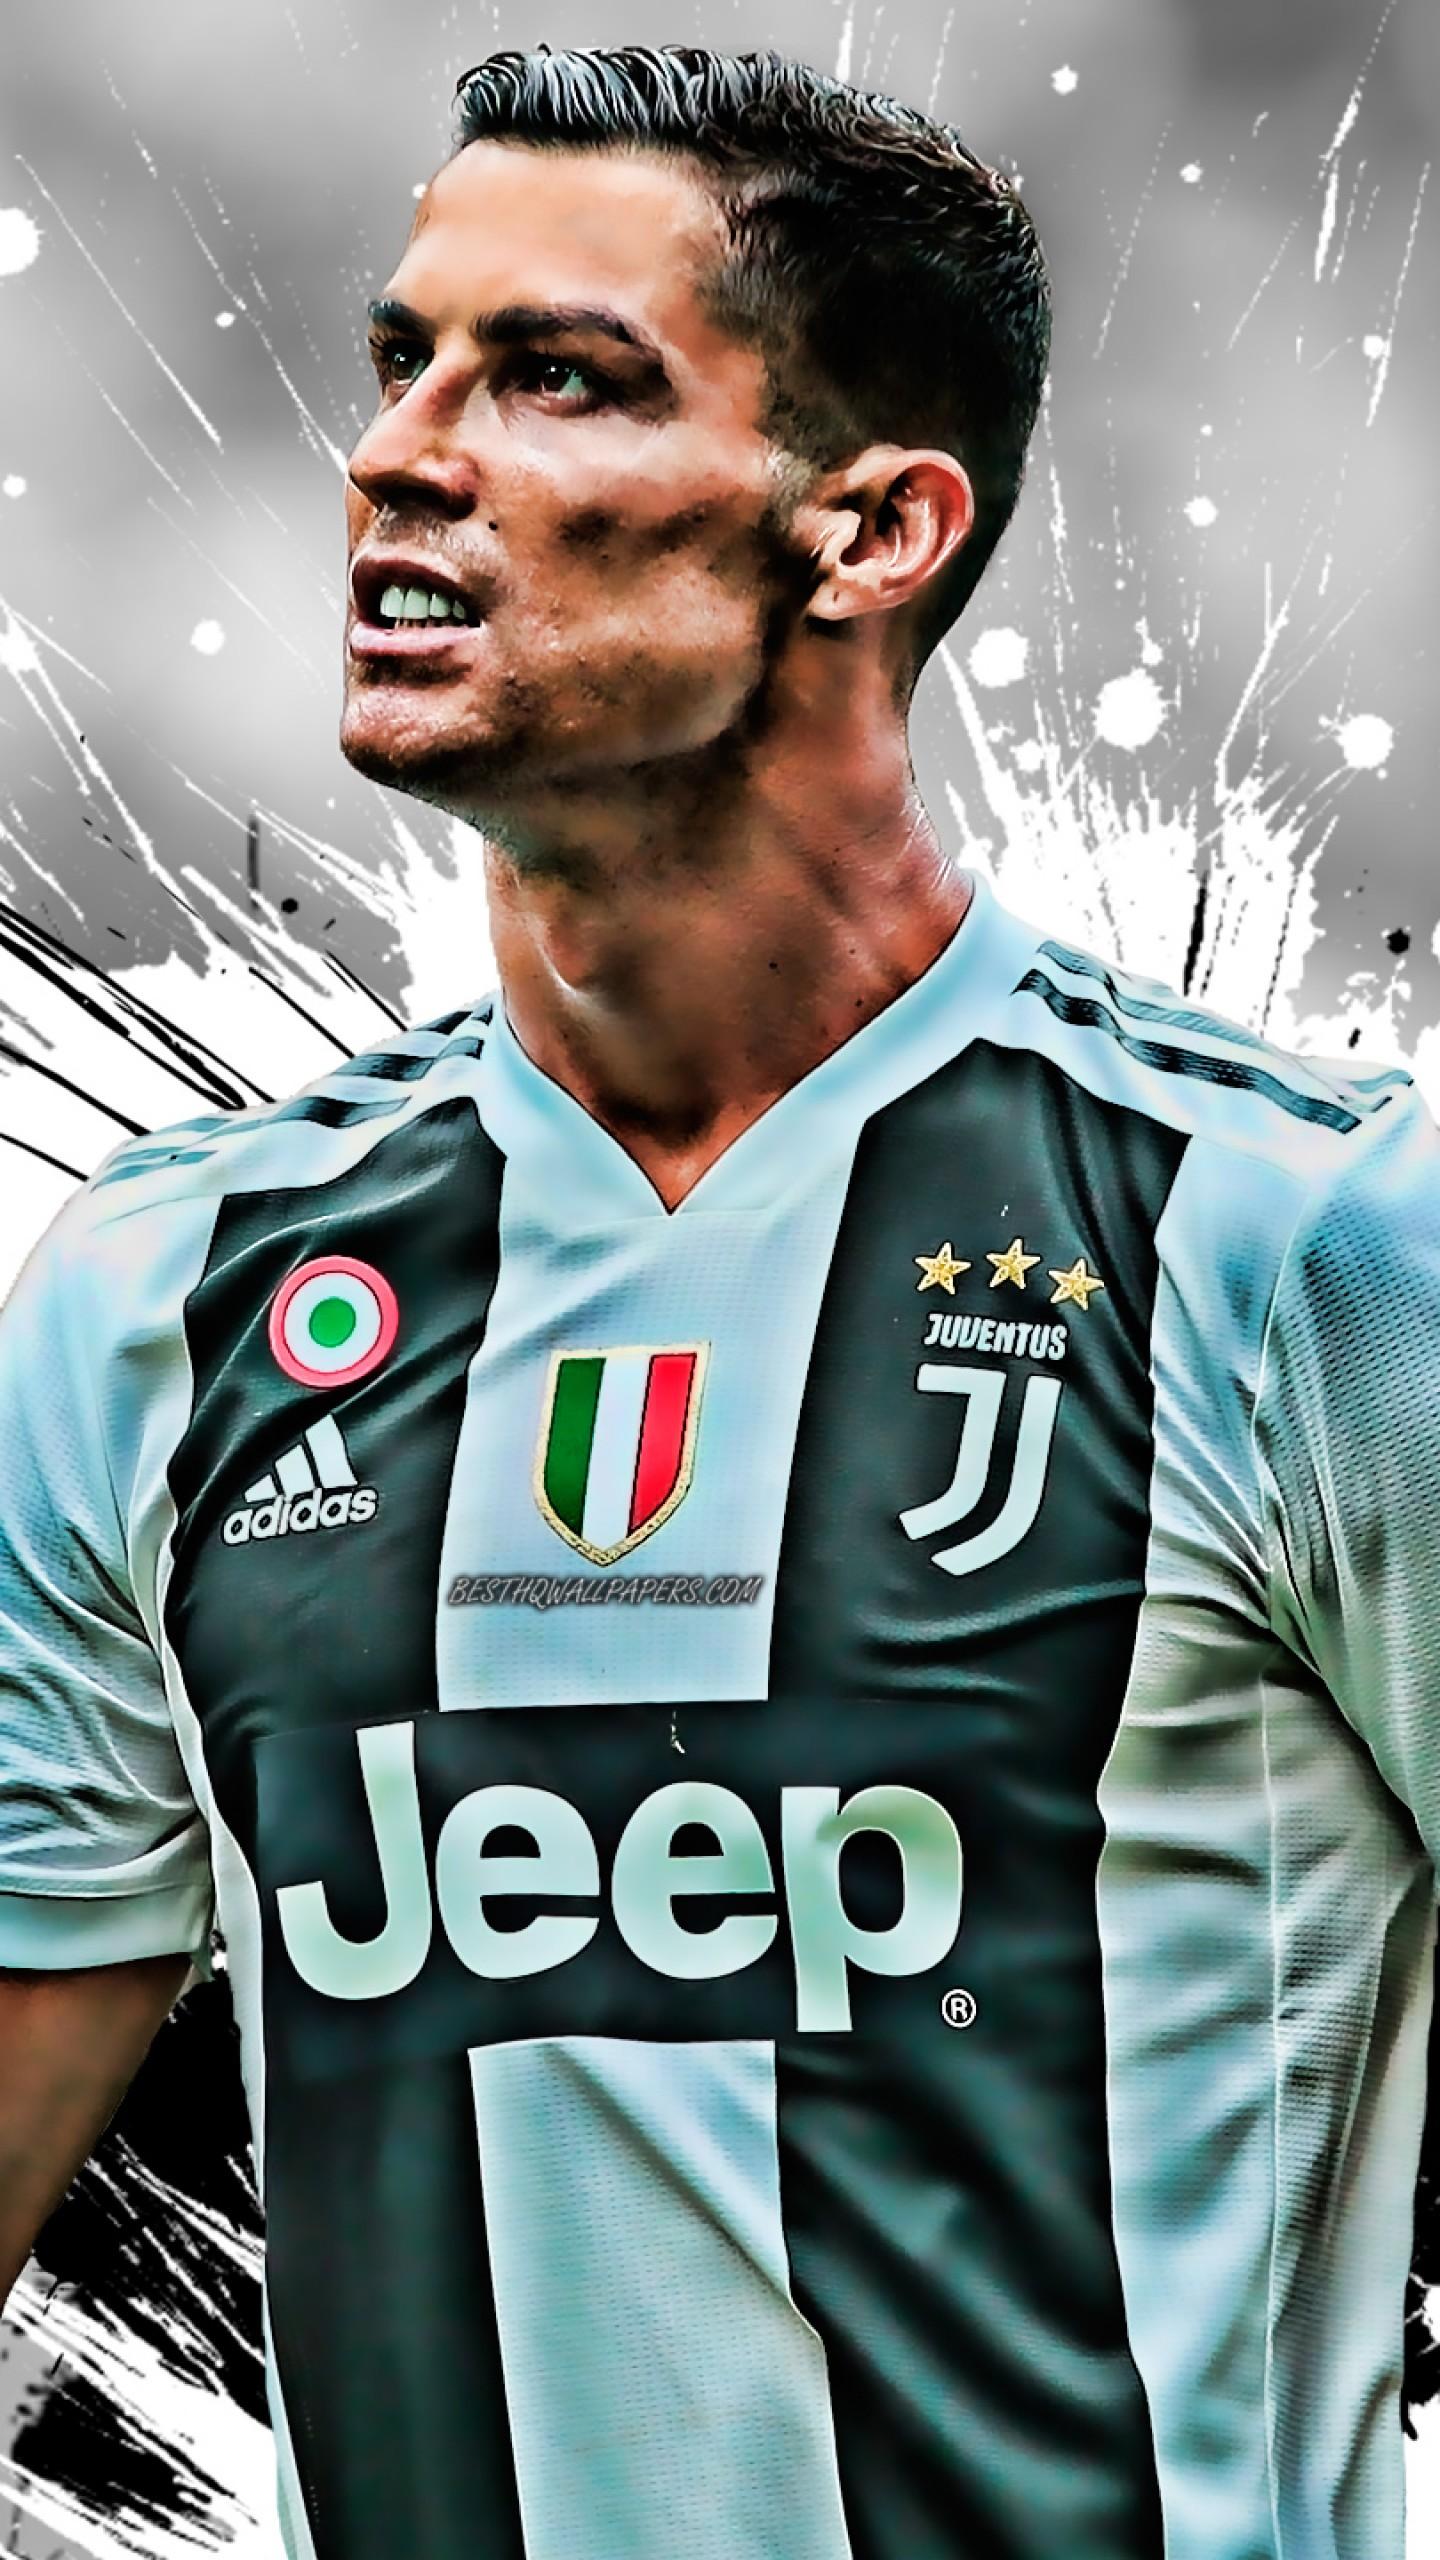 Wallpaper Of Ronaldo Posted By John Johnson